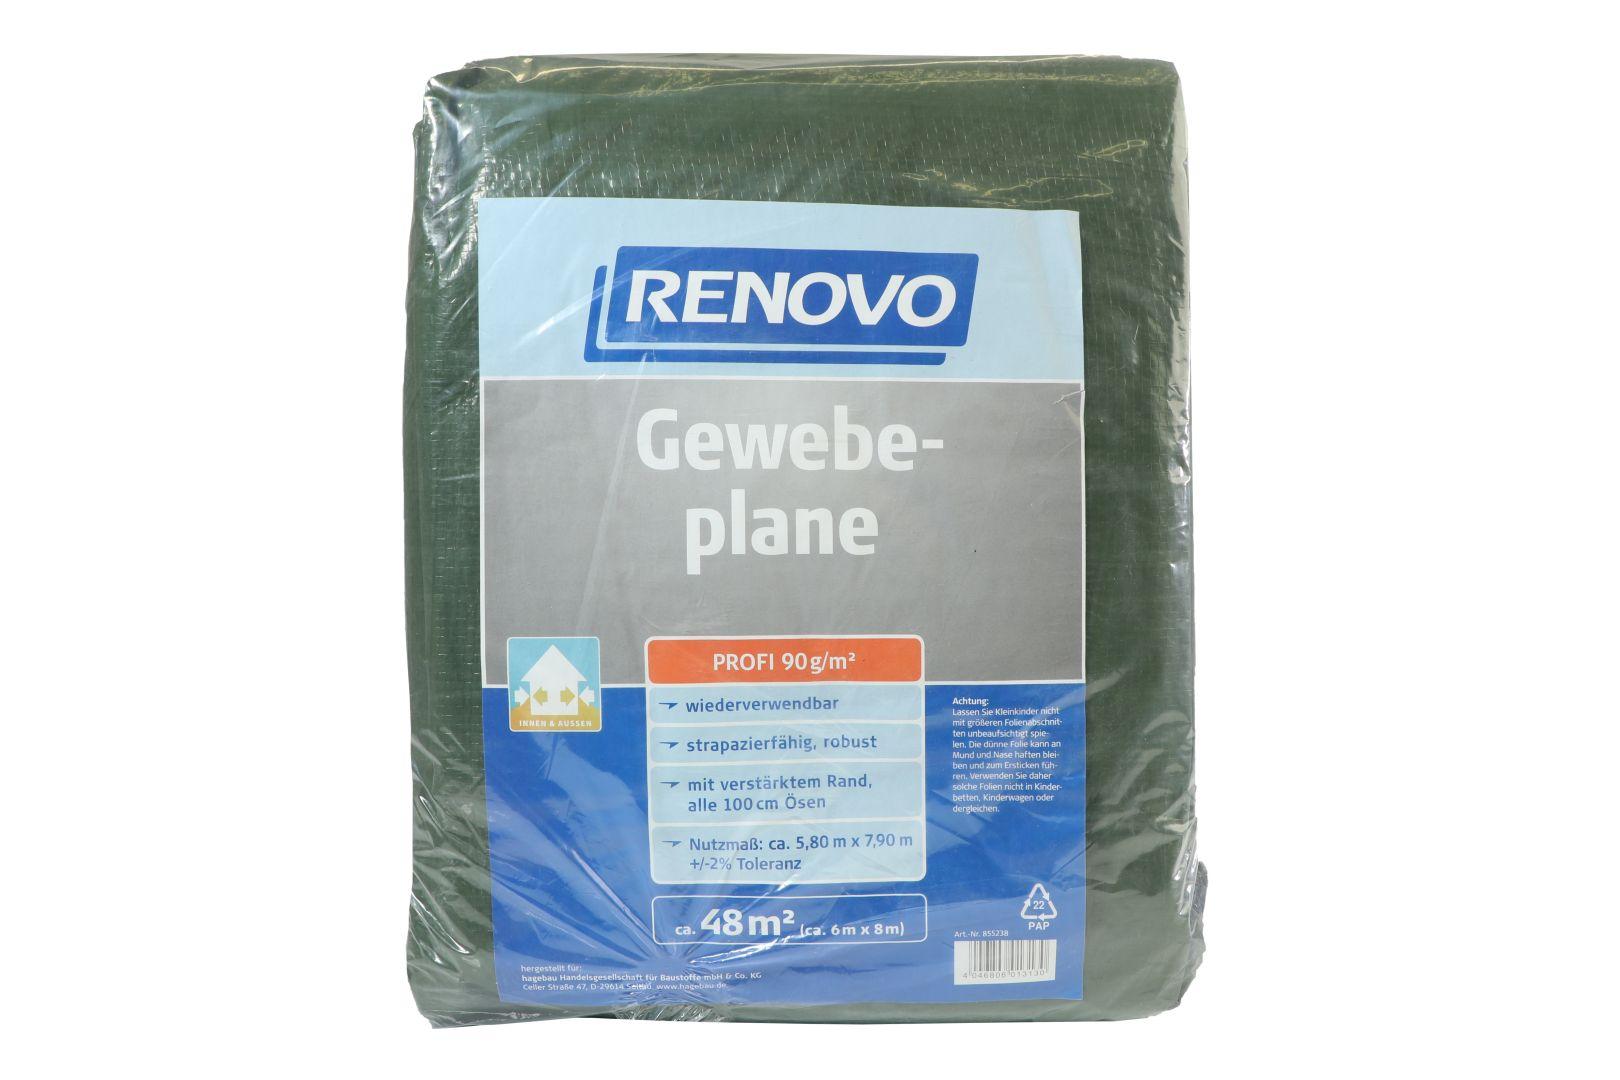 RENOVO Gewebeplane Profi, grün, mit Ösen, 6 x 8 m